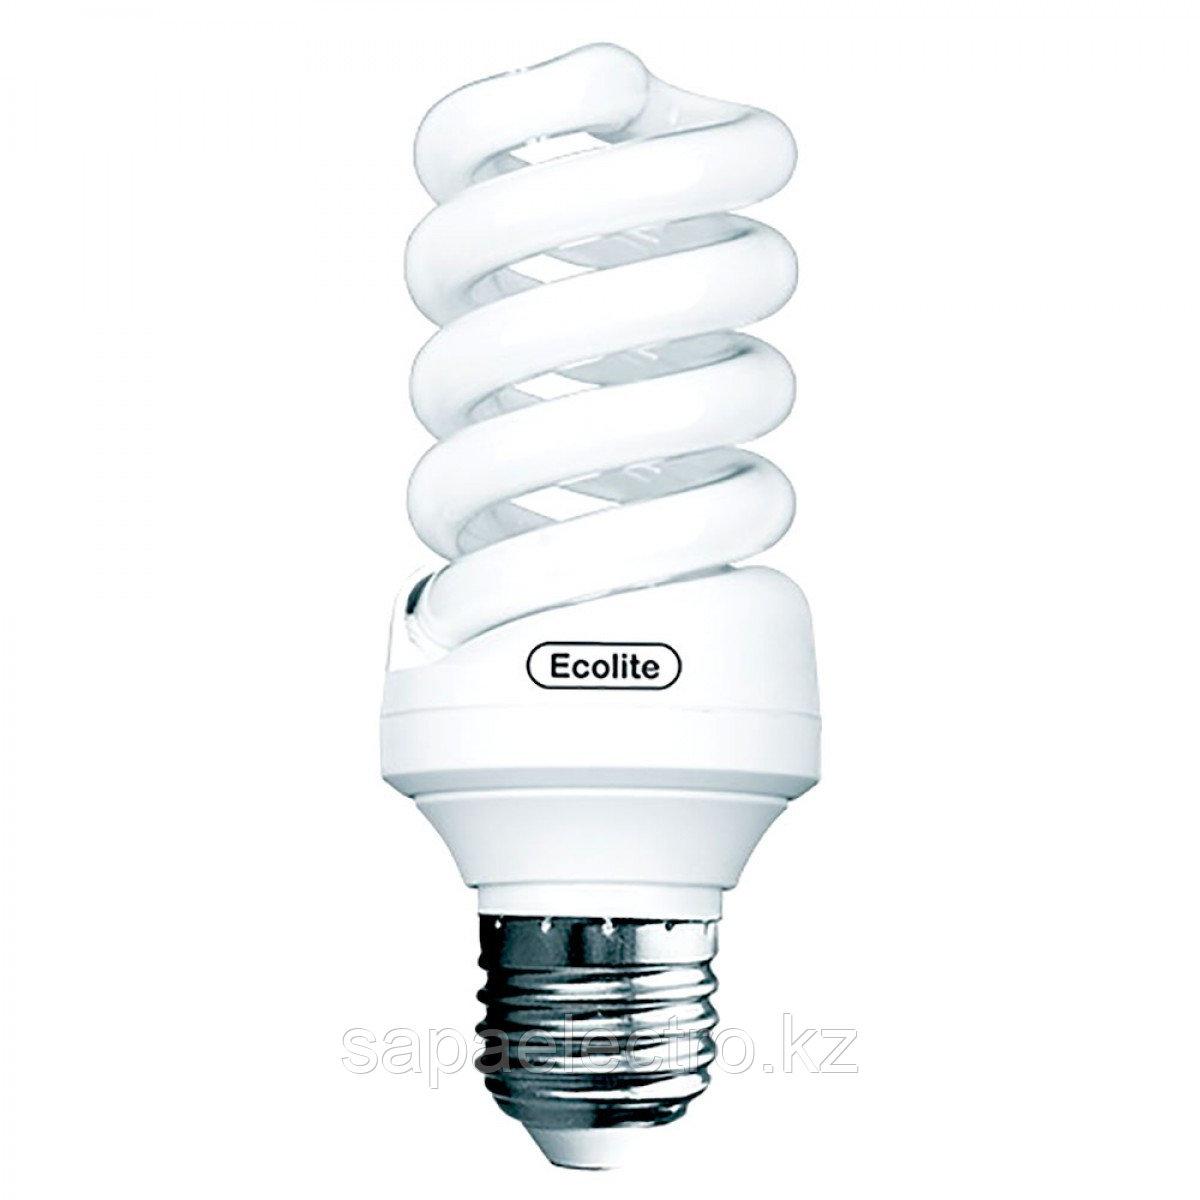 Лампа ECOTWIST  22W 860 E27 (EСOLITE)100шт